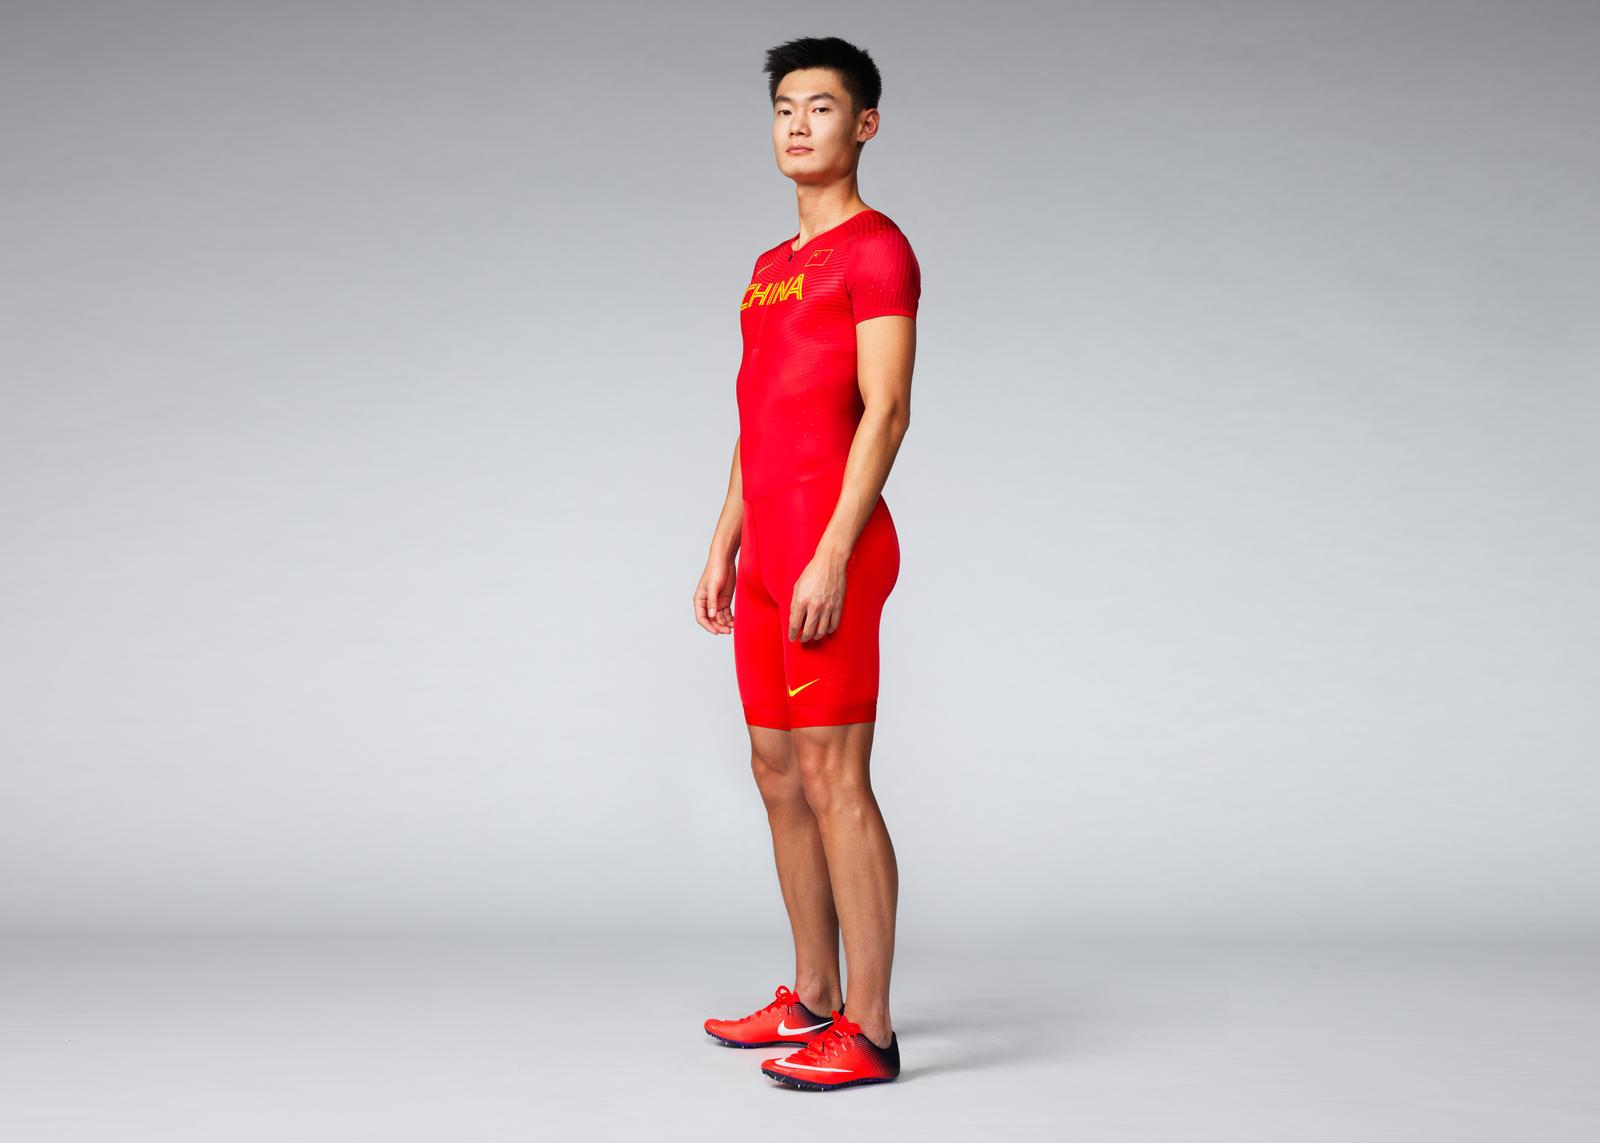 Zhang Peimeng in Nike Vapor Track & Field Kit